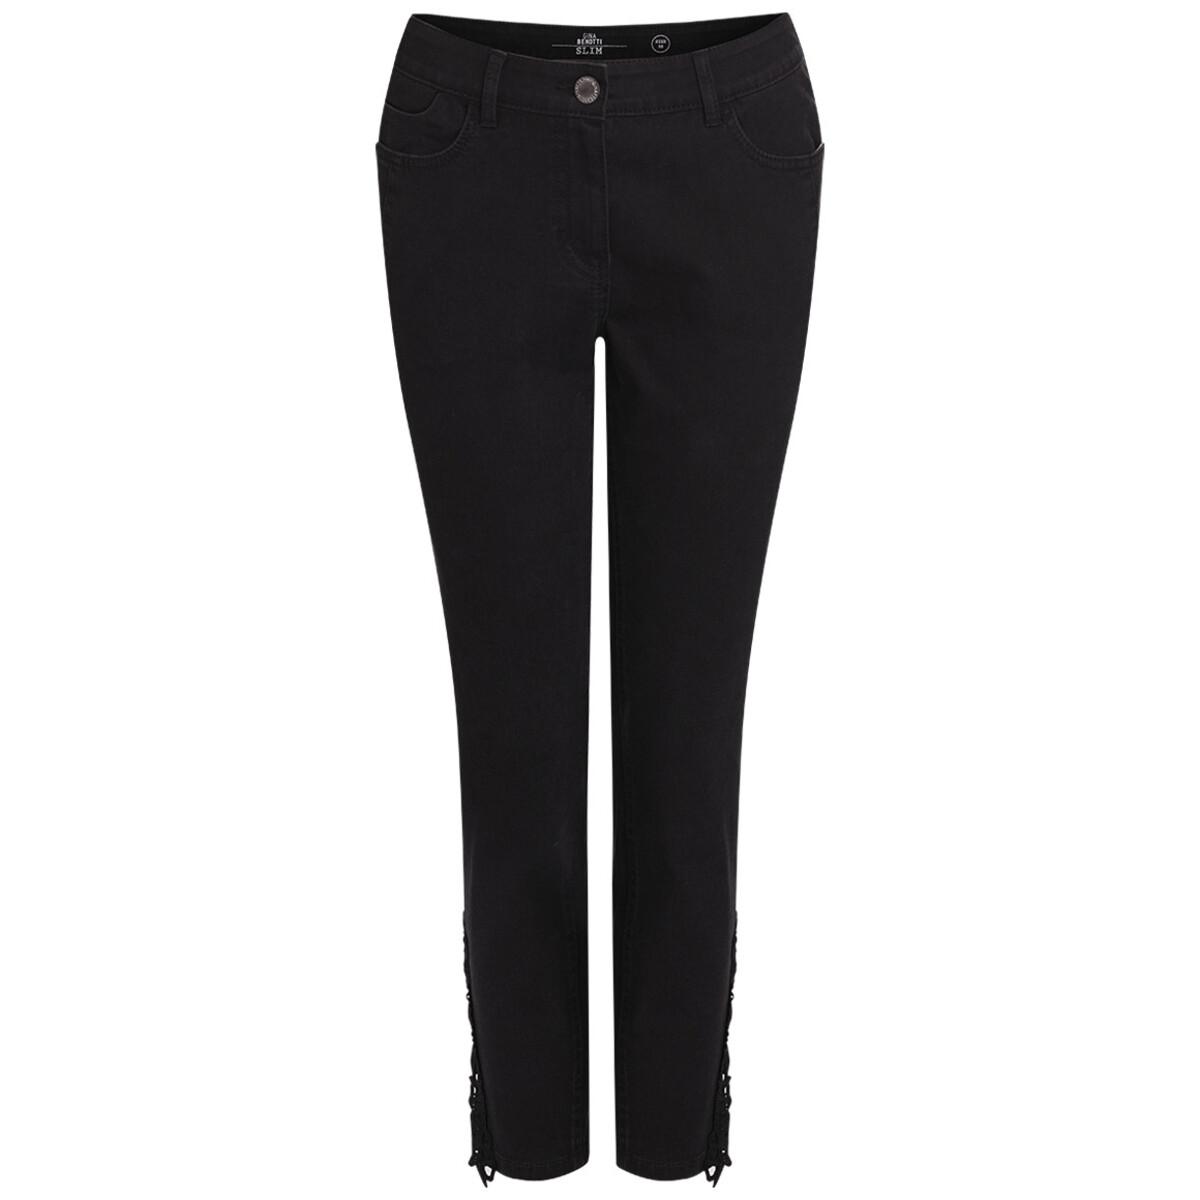 Bild 1 von 7/8 Damen Jeans mit Makremee-Spitze